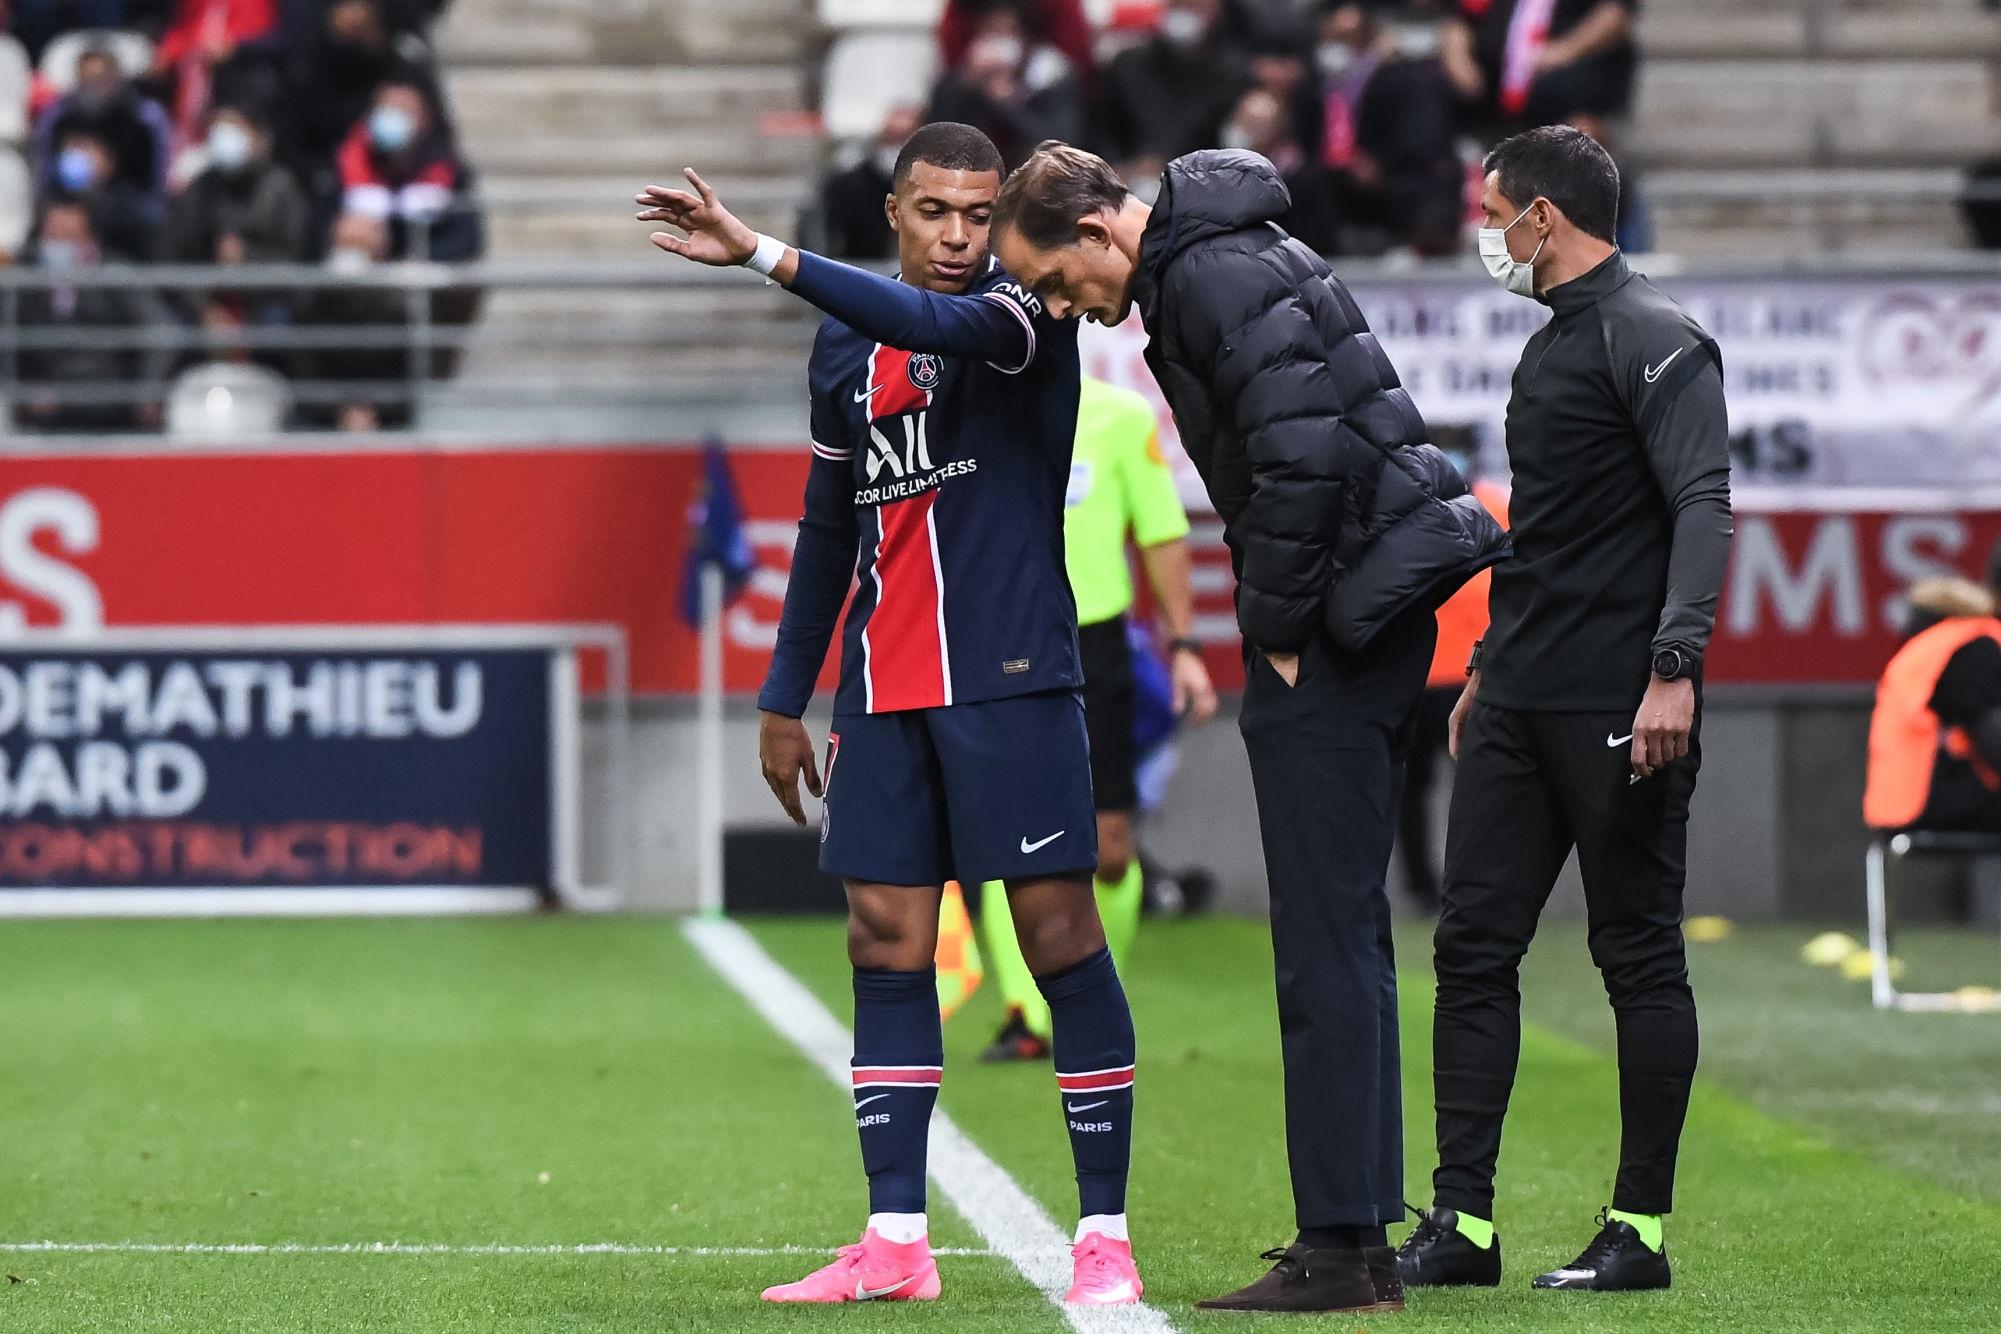 Exclu - Mbappé veut des garanties sur l'équipe et le départ de Tuchel pour prolonger